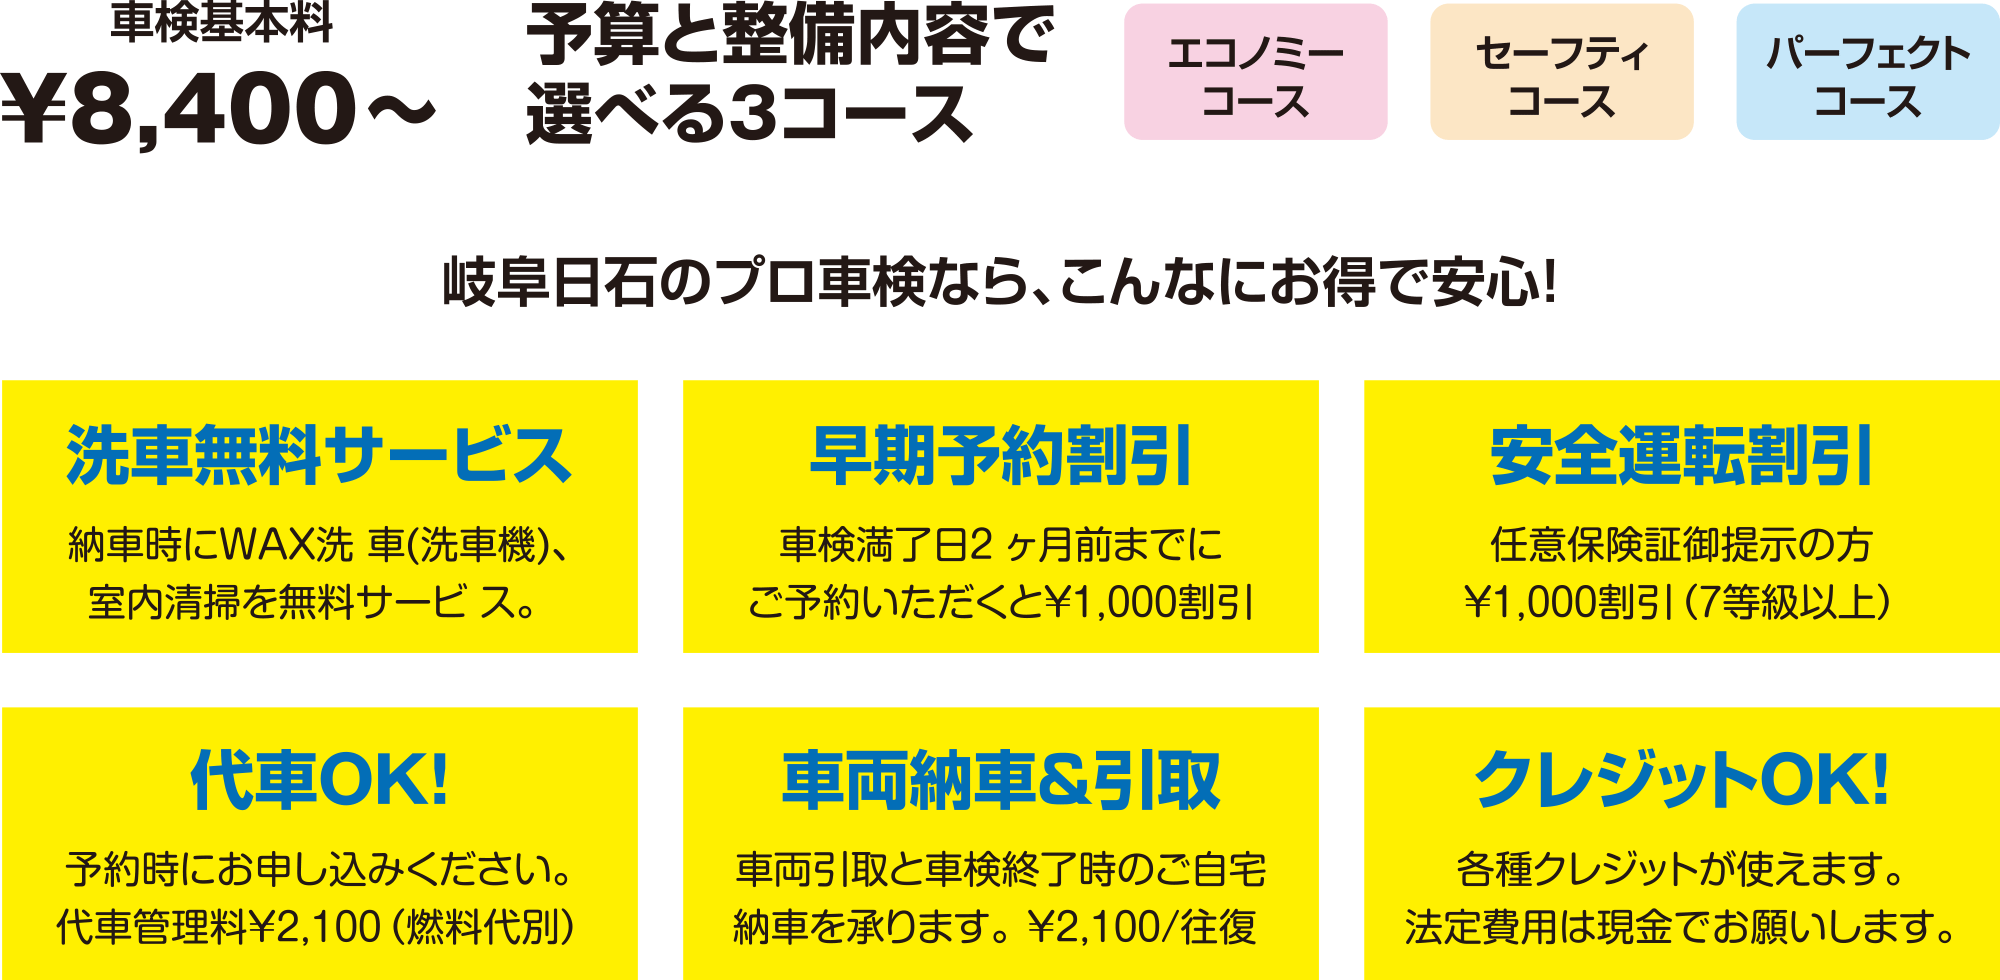 車検基本料¥8,400〜 予算と整備内容で選べる3コース。洗車無料サービス、早期予約割引、安全運転割引、代車OK!、車両納車&引取、クレジットOK!